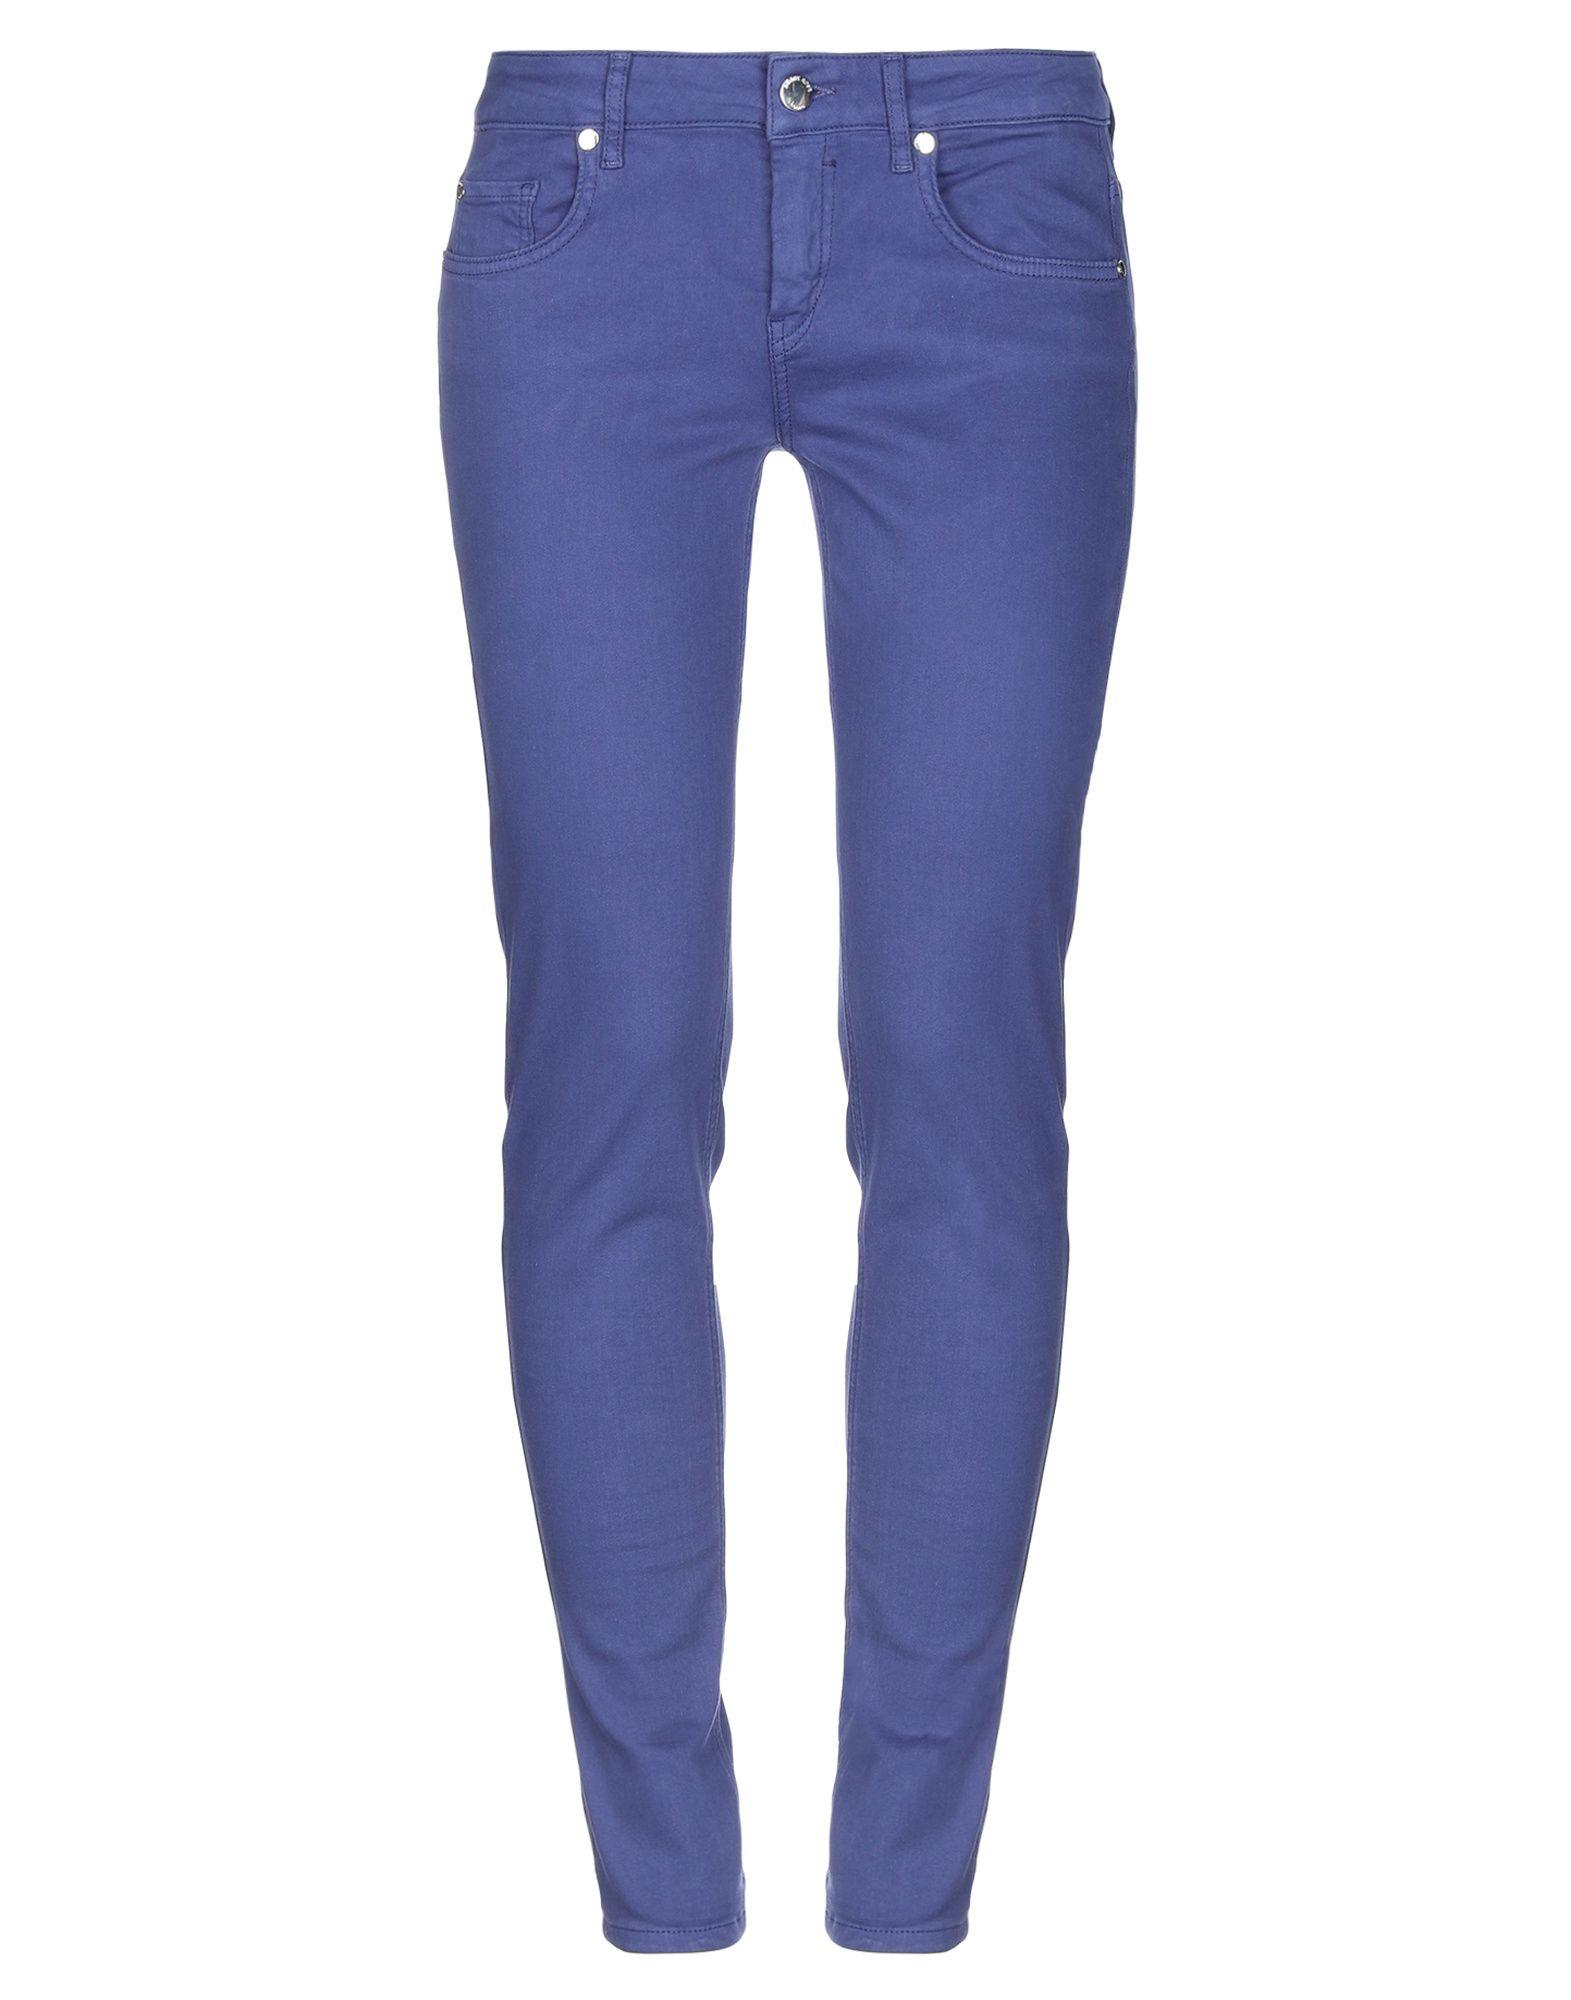 DENNY ROSE Джинсовые брюки